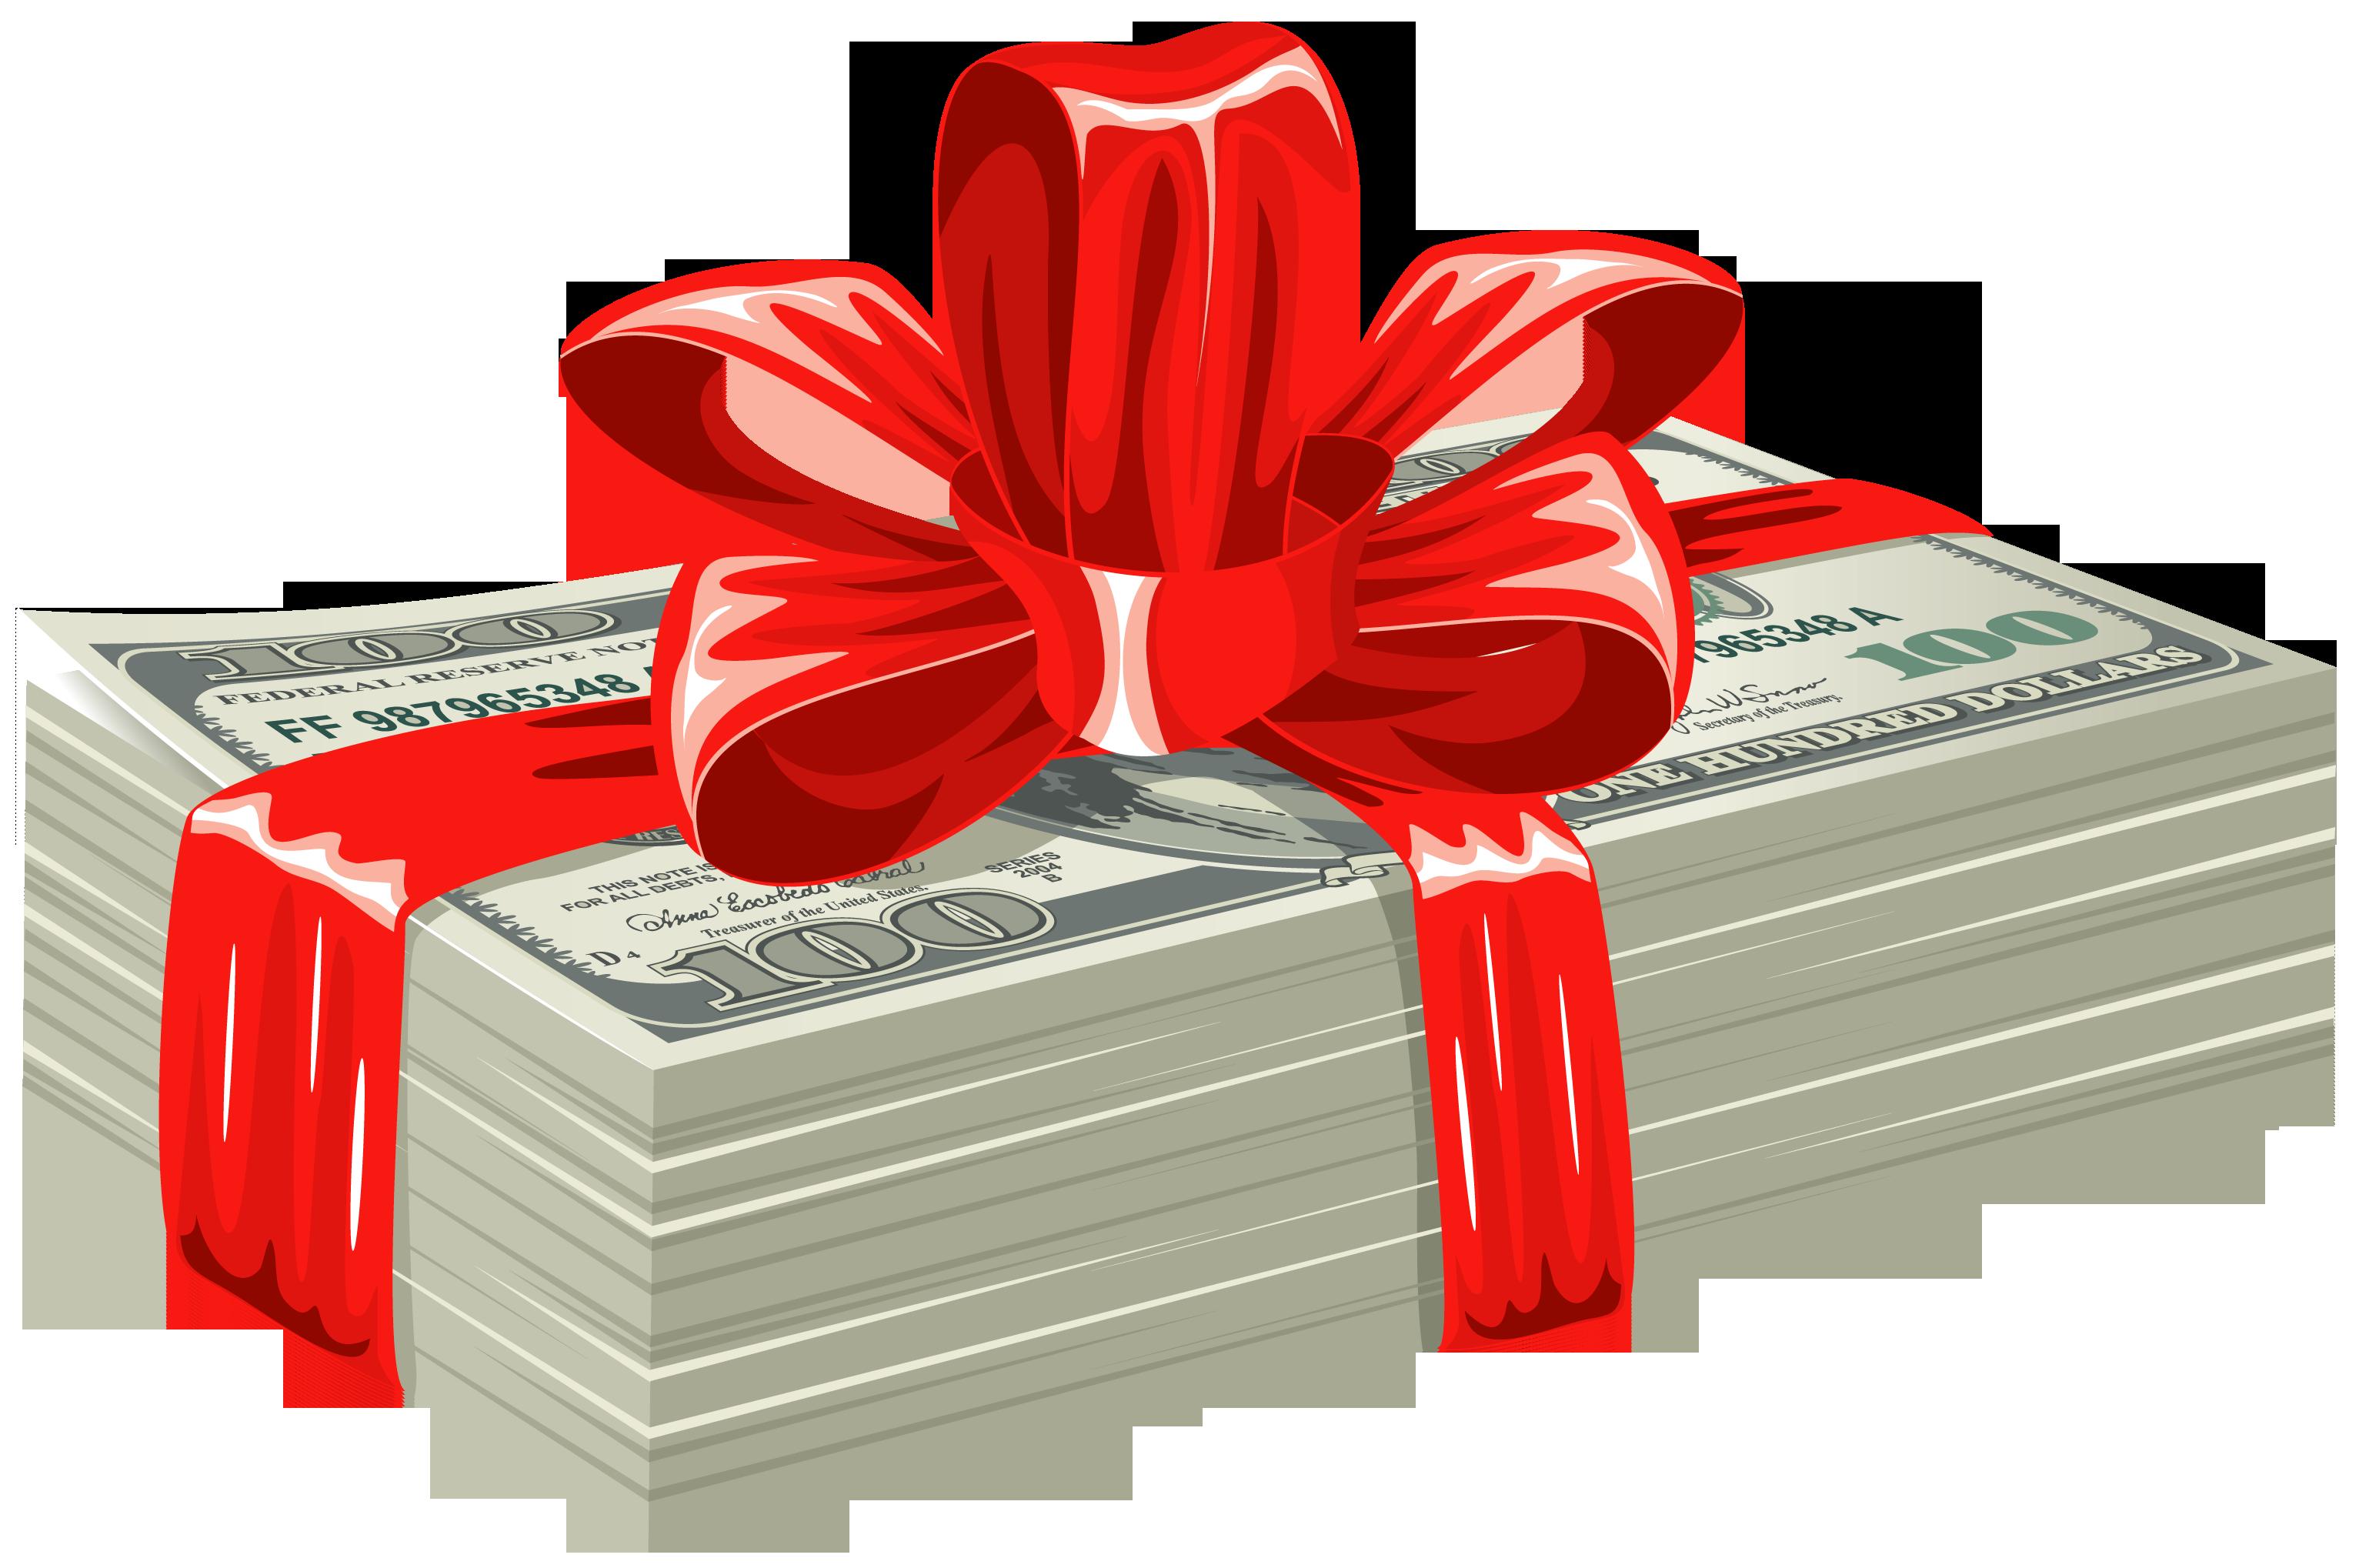 money images ever. Dollar clipart bundle